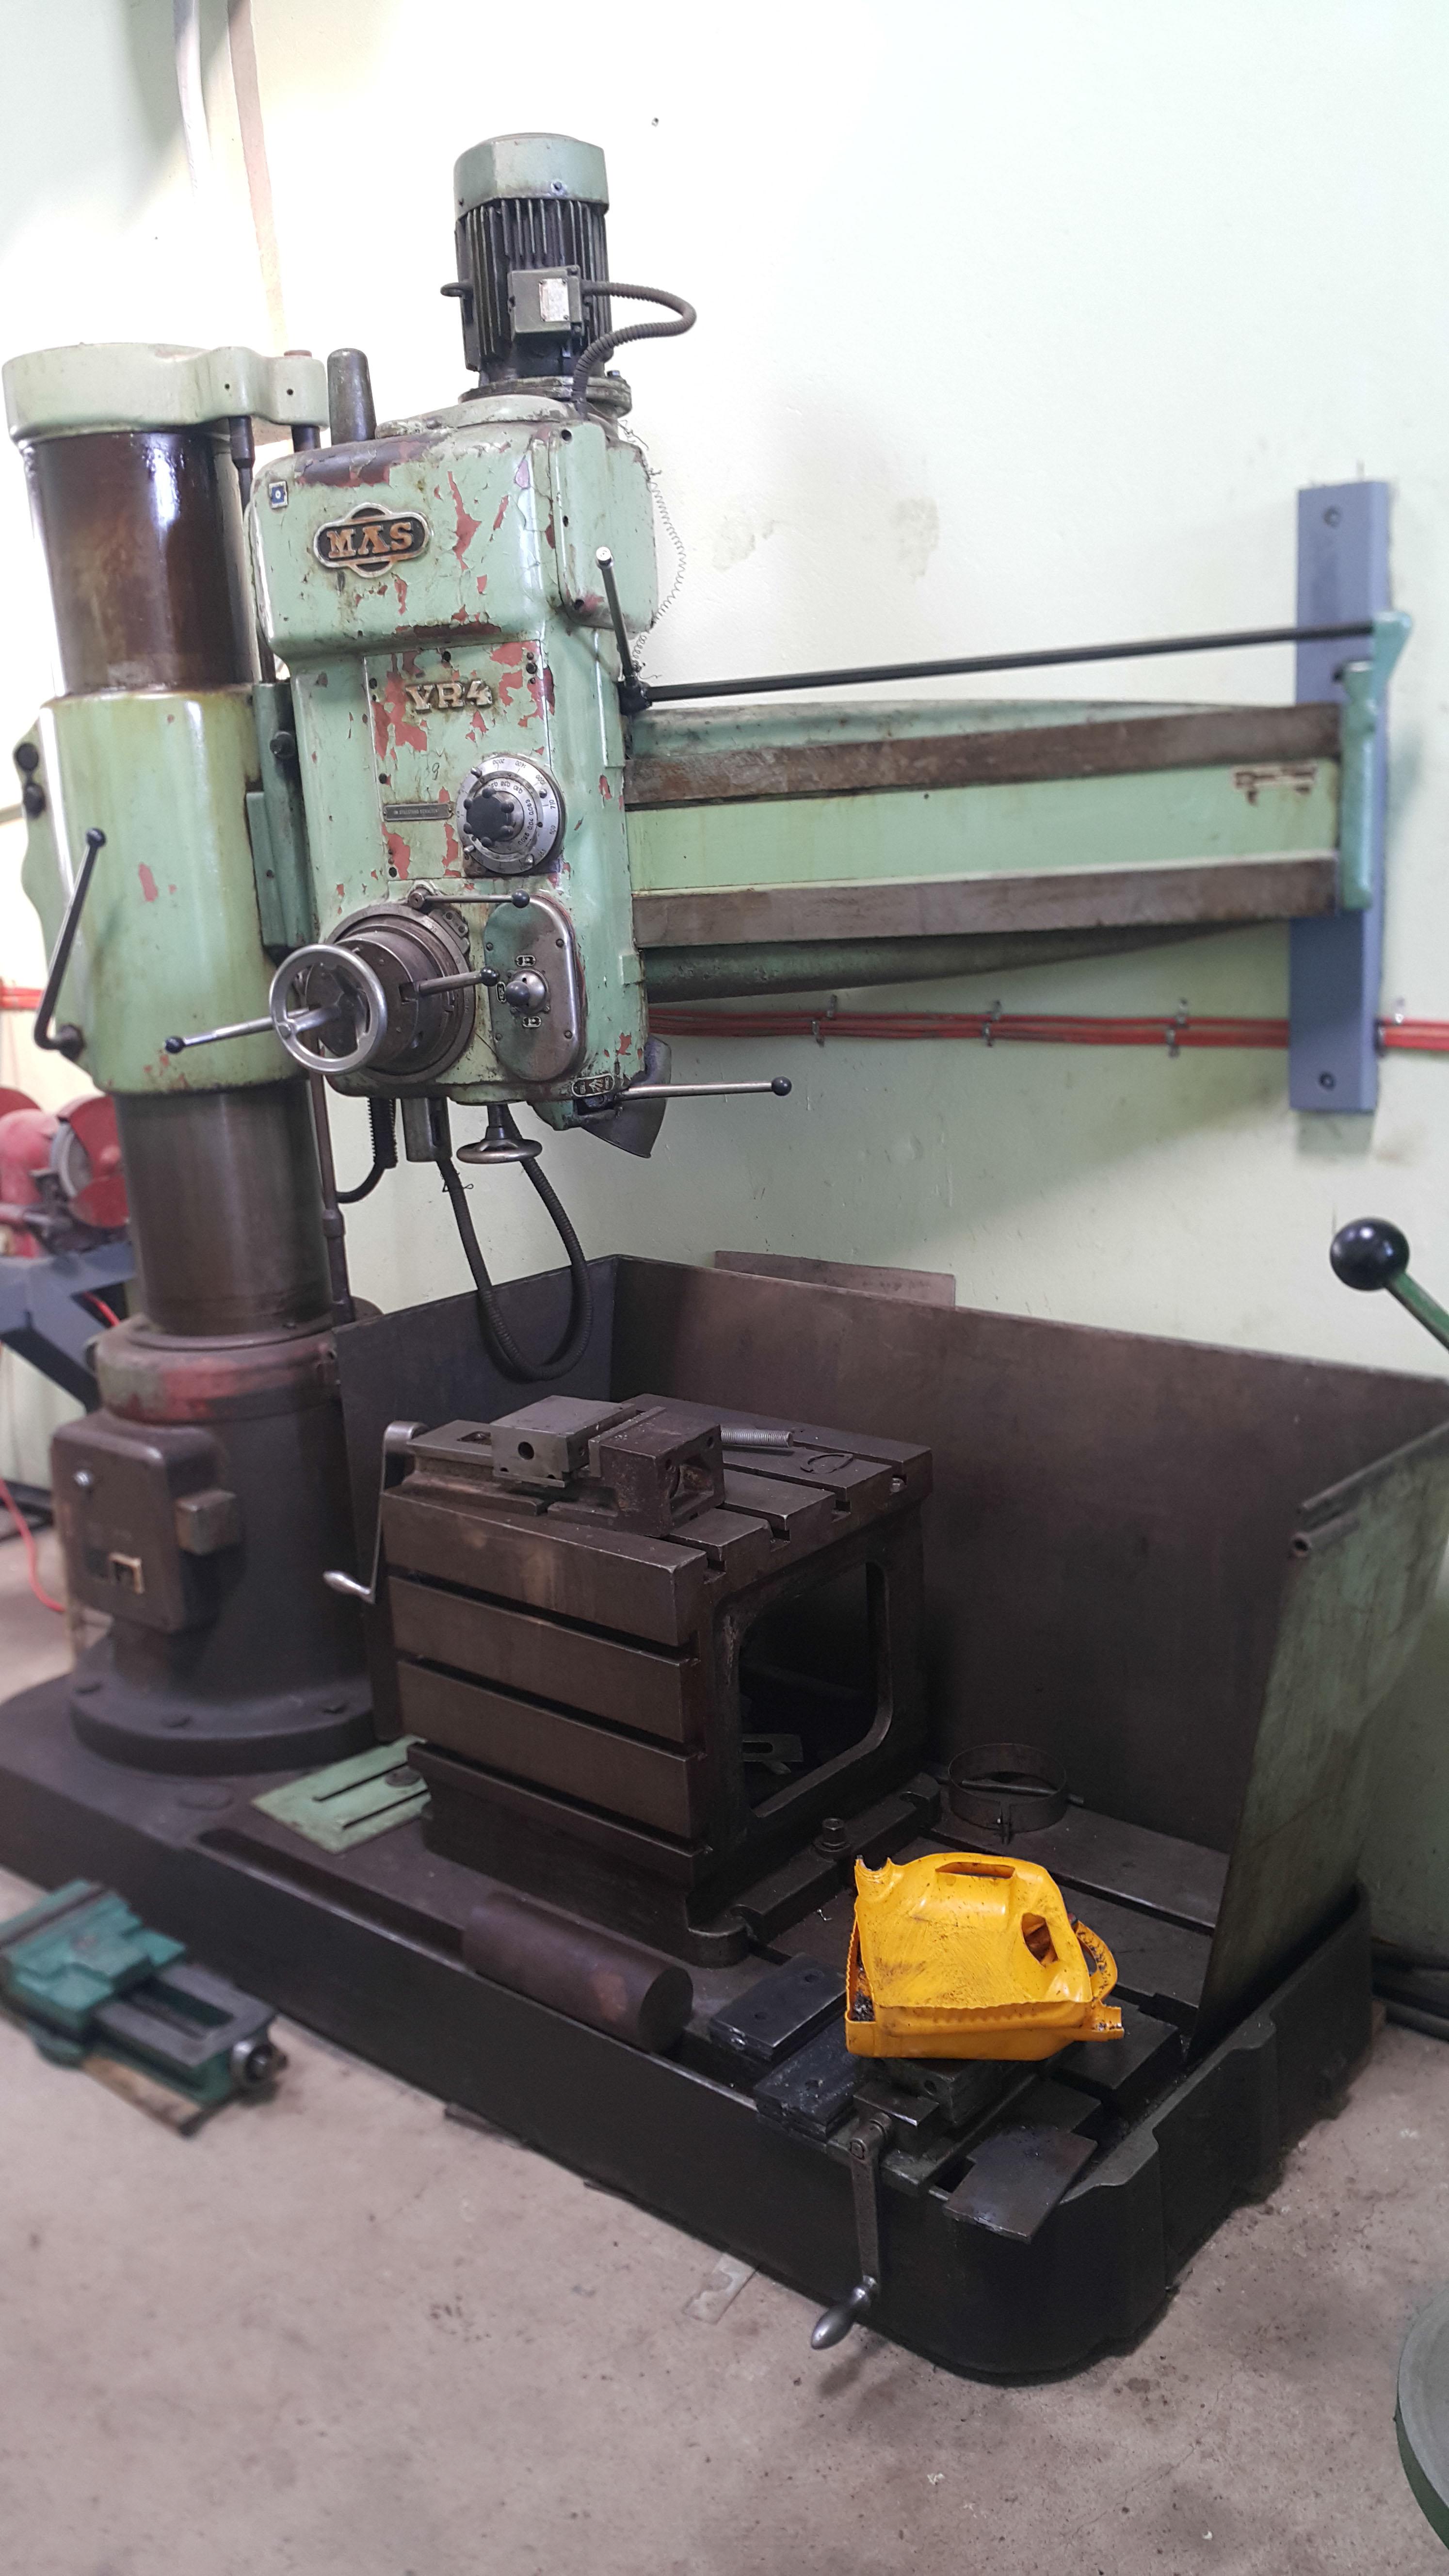 07 Radial drill machine